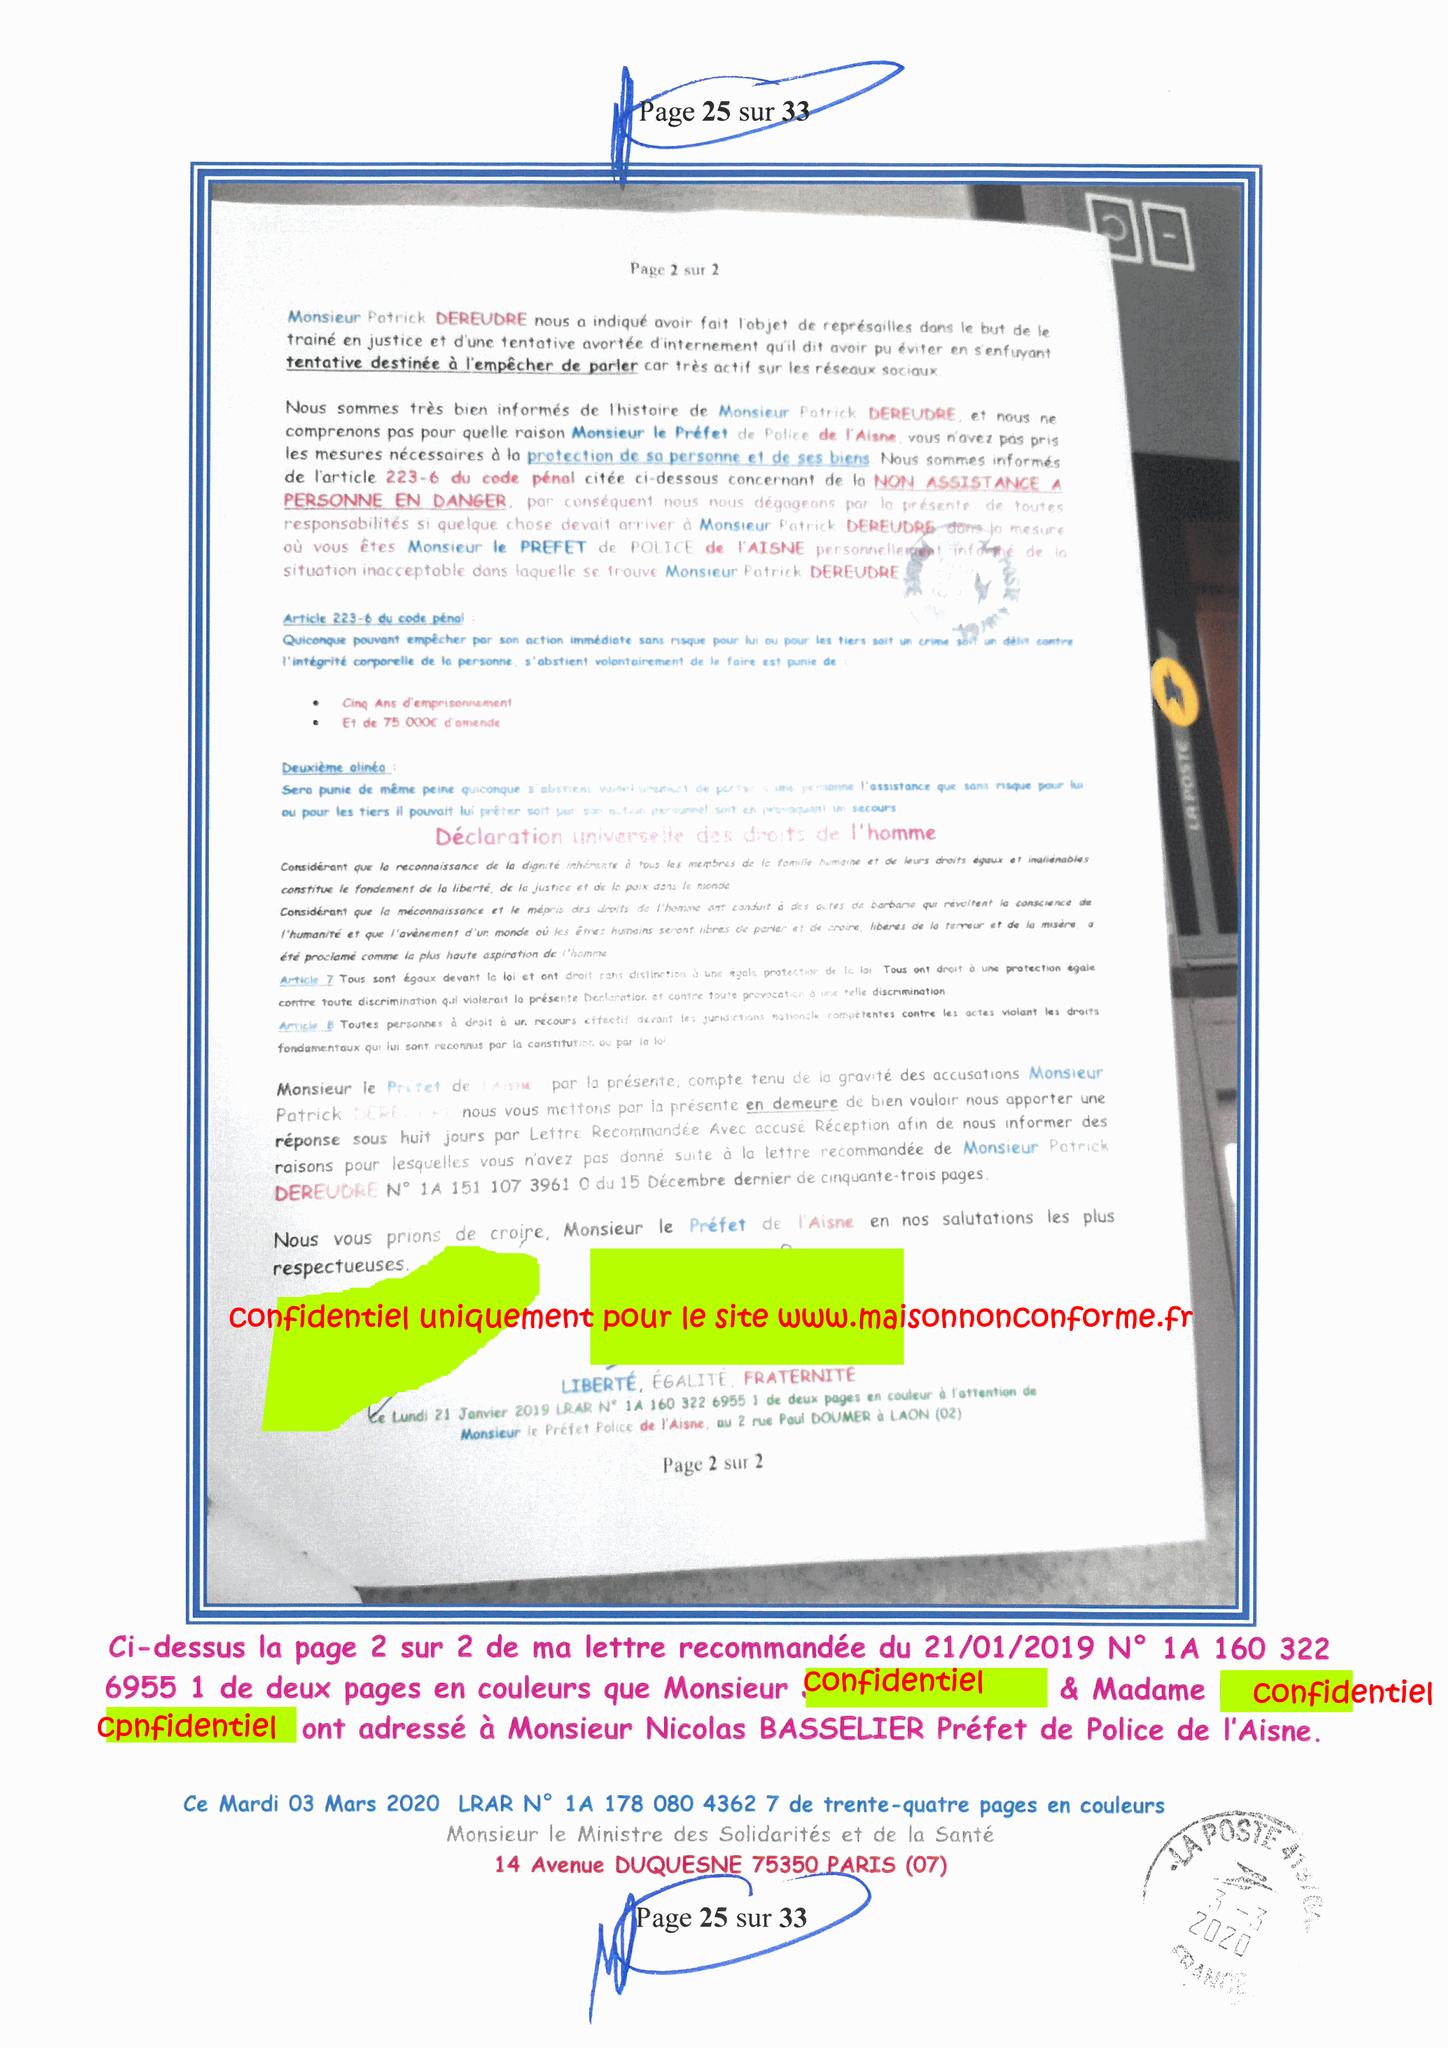 Page 25 sur 33 Ma lettre recommandée N0 1A 178 080 4362 7 du 03 Mars 2020 à Monsieur Olivier VERAN le Ministre de la Santé et des Solidarités www.jesuispatrick.fr www.jesuisvictime.fr www.alerte-rouge-france.fr